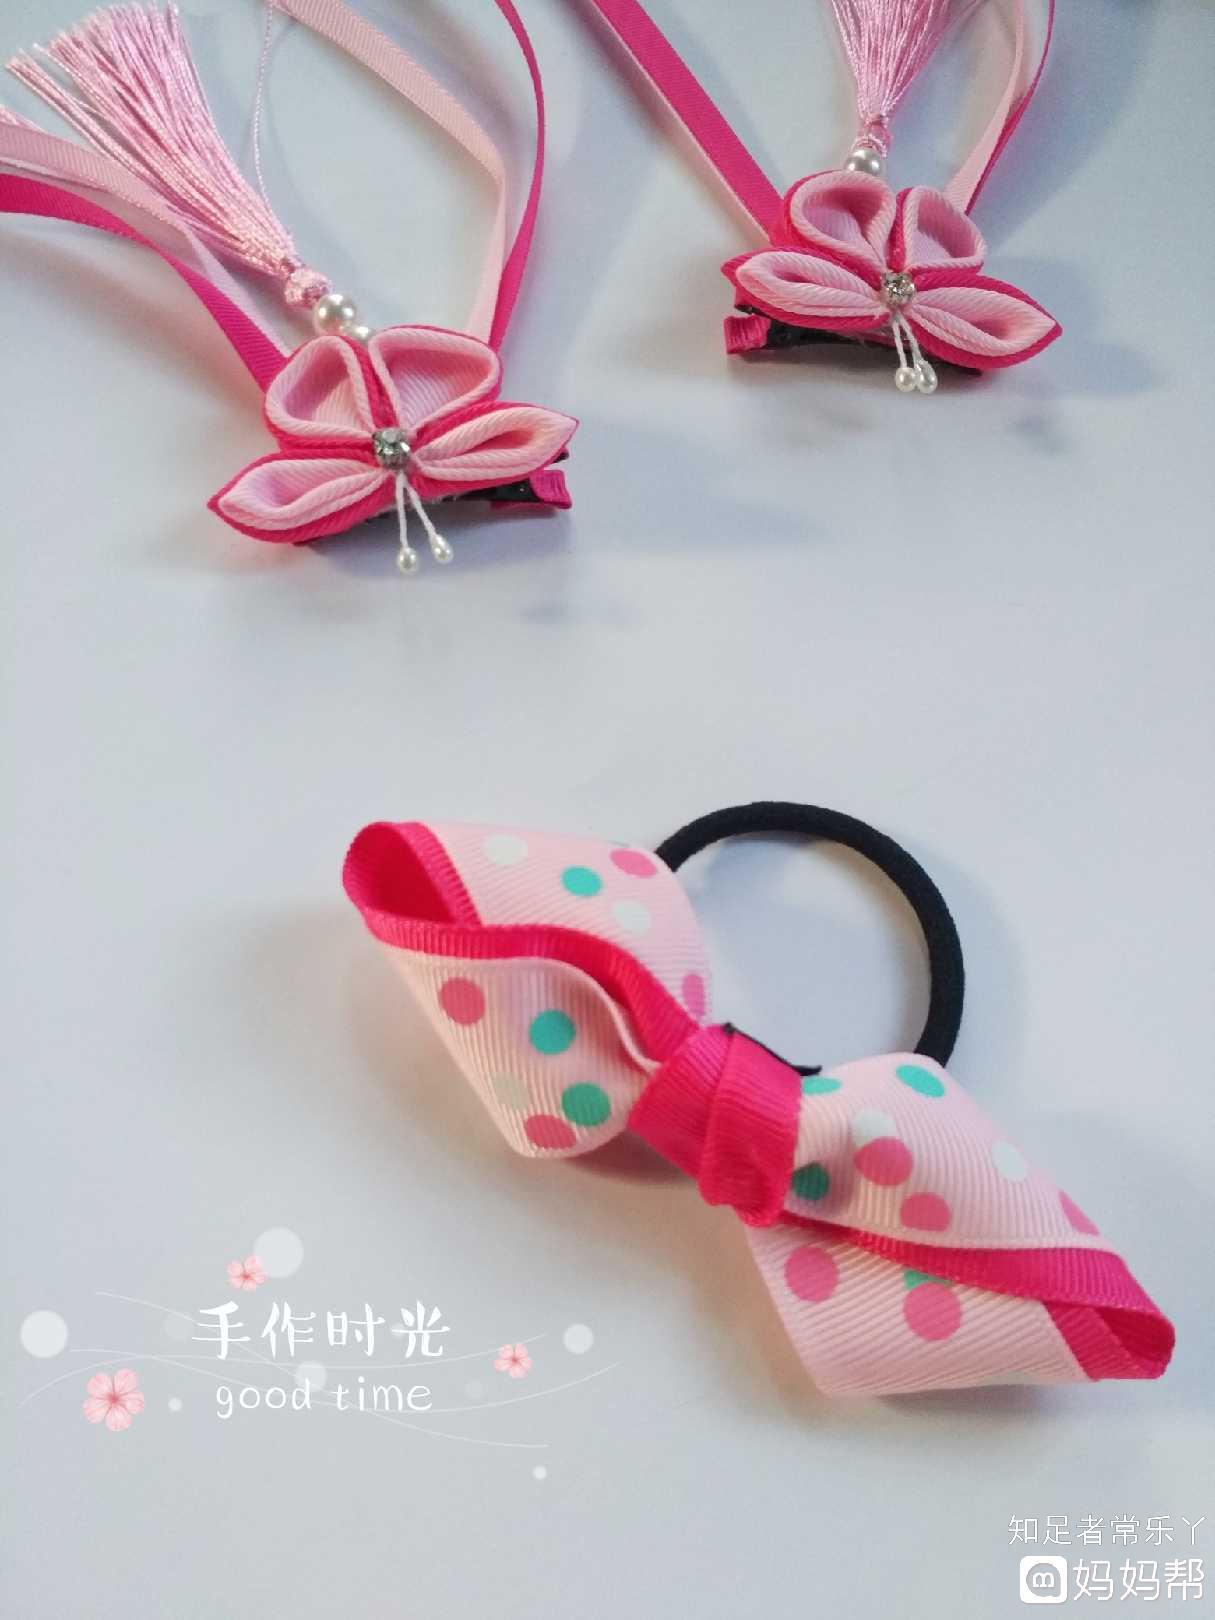 手工日记# 双层扭8字蝴蝶结发饰.